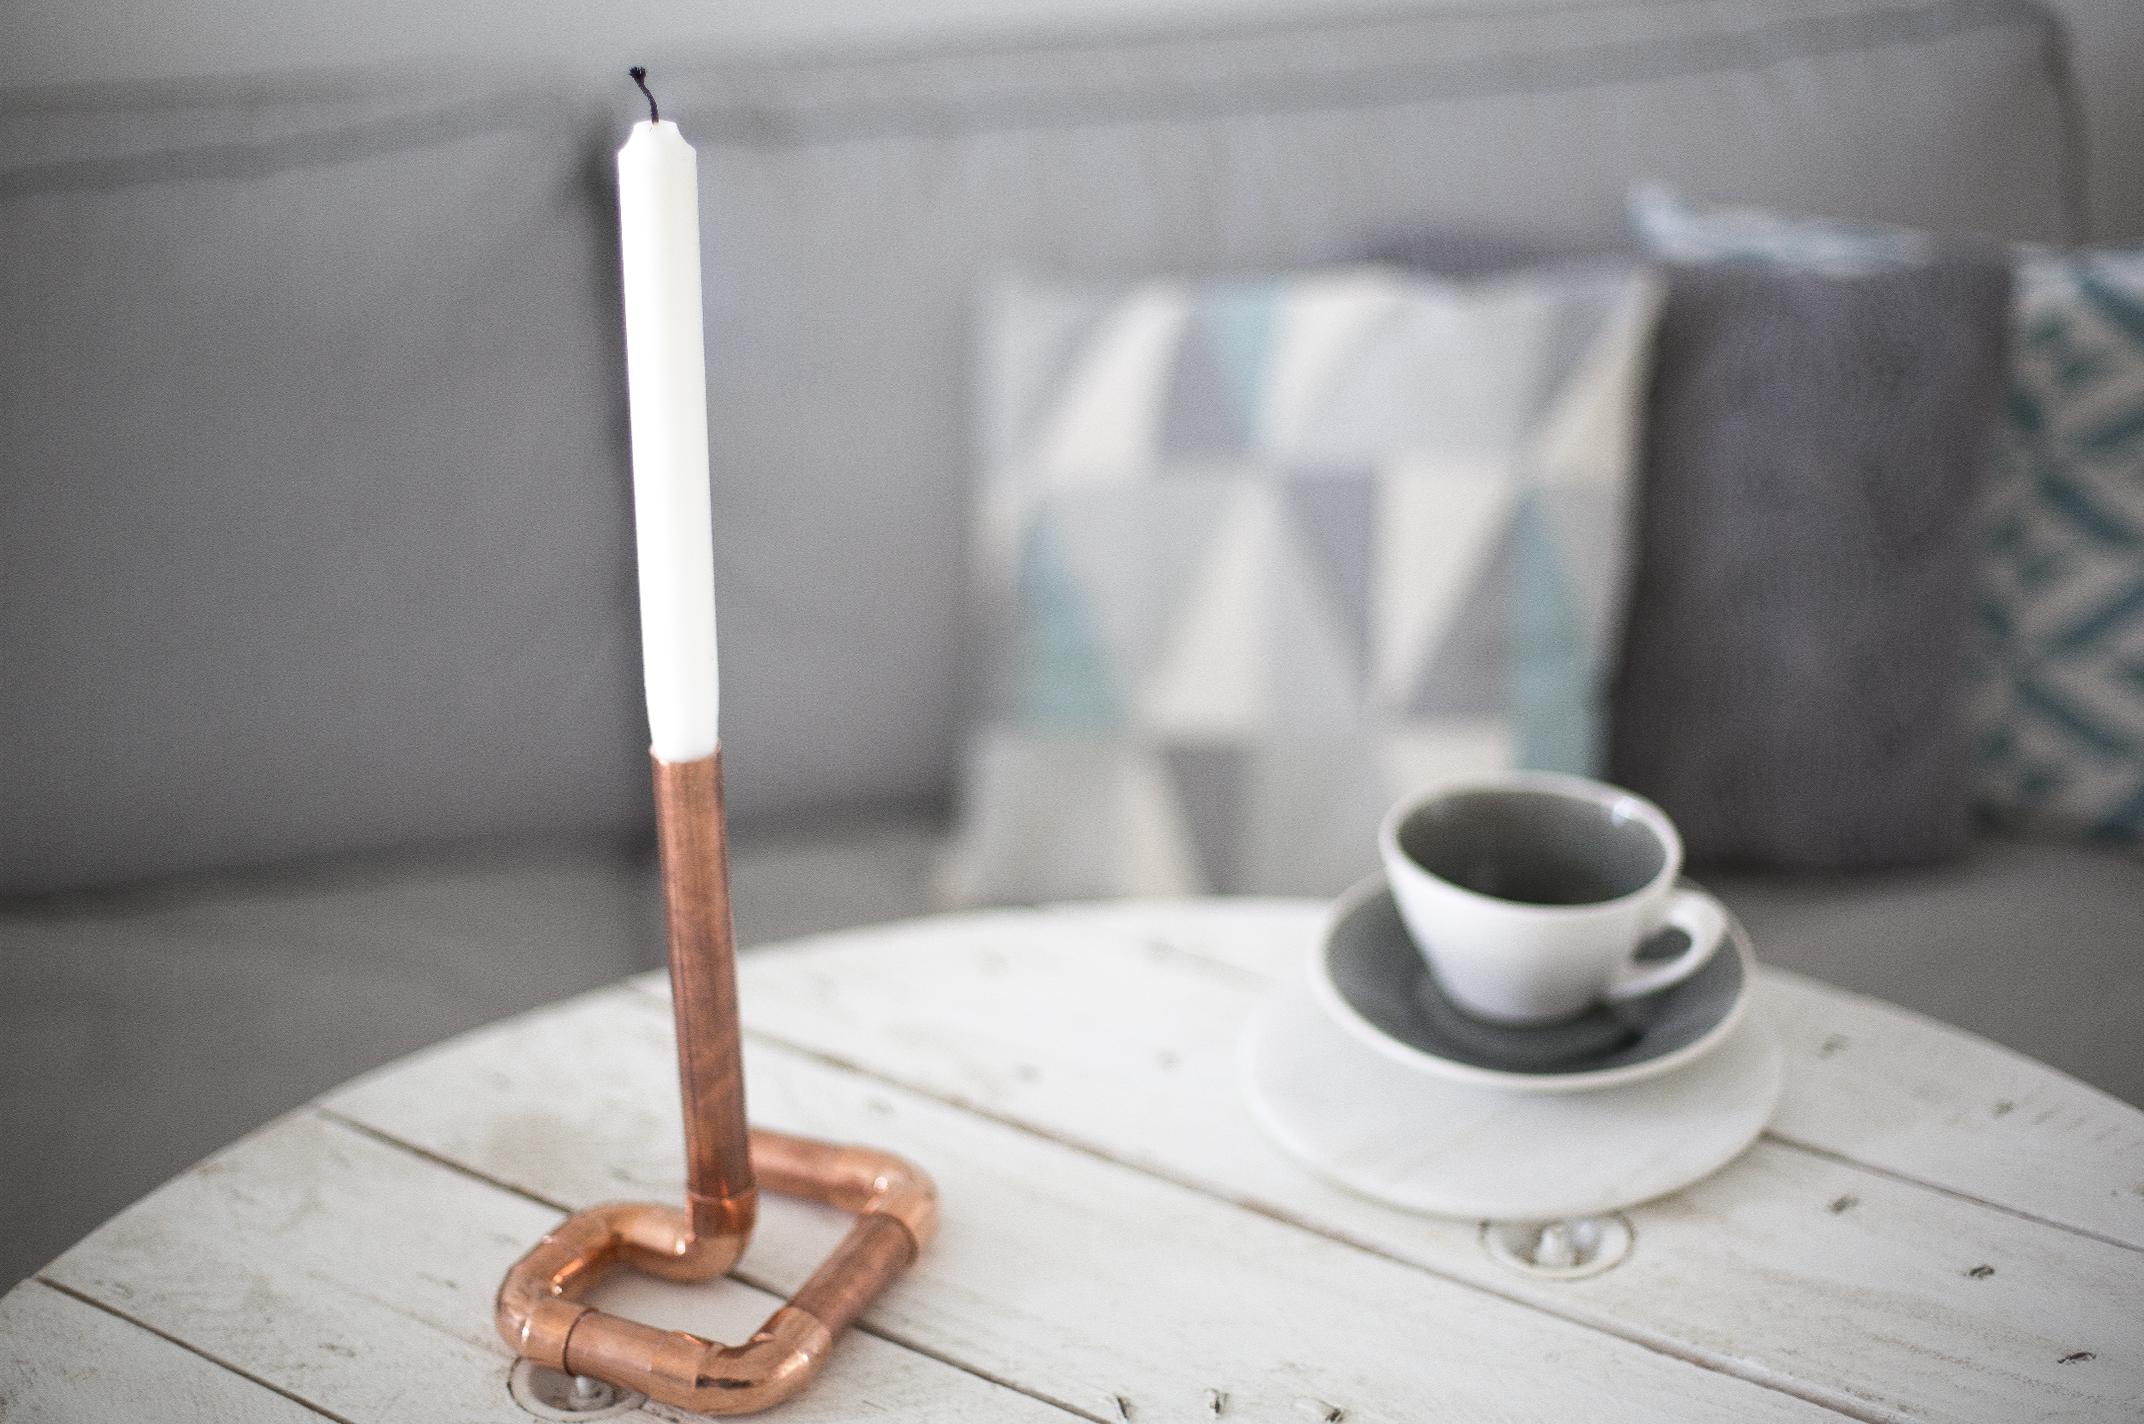 creation bougeoir un an diy deco inspiration cuivre la d licate parenth se diy d co et. Black Bedroom Furniture Sets. Home Design Ideas